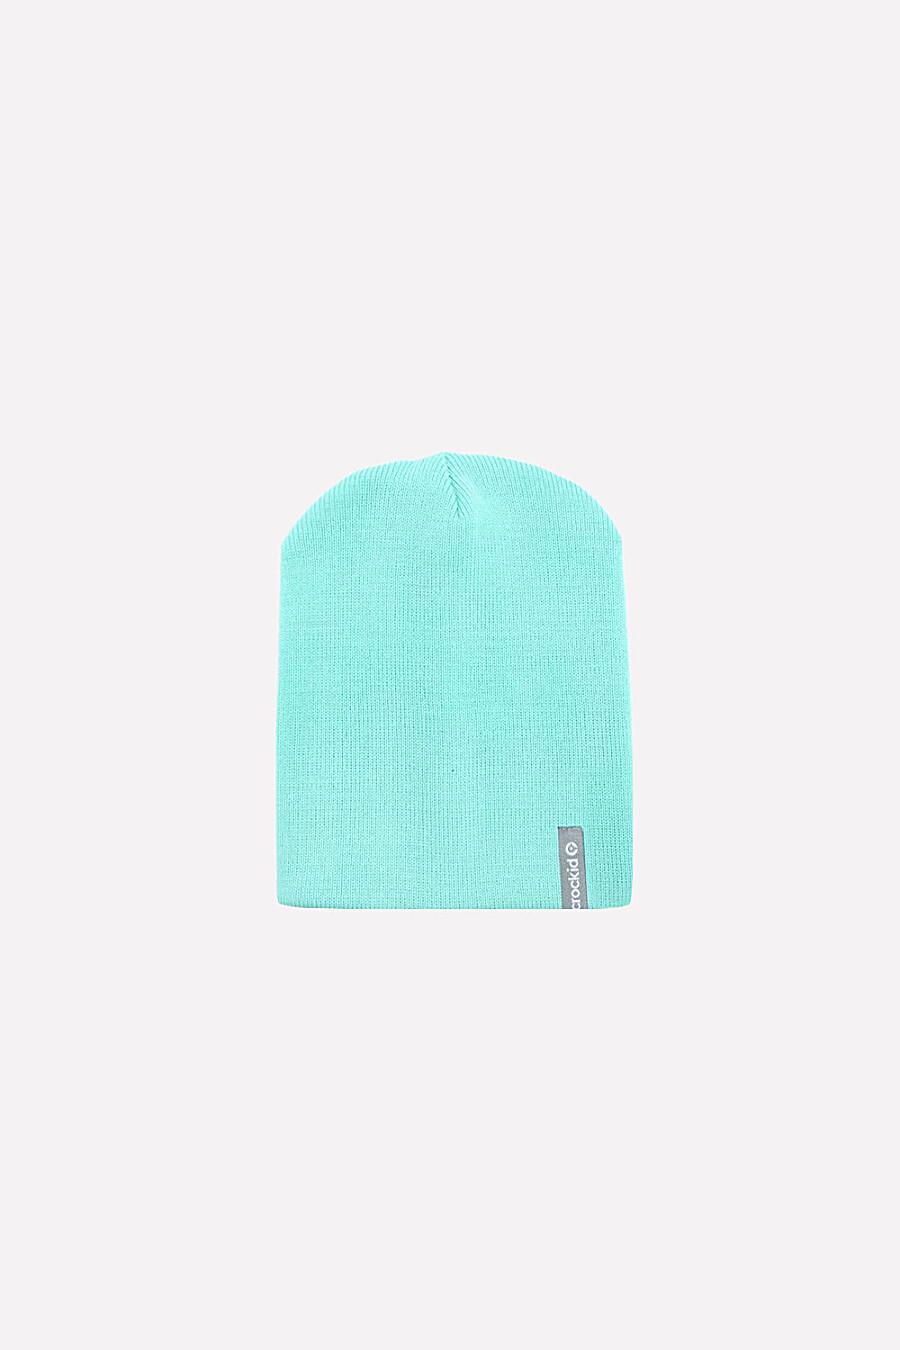 Шапка для девочек CROCKID 175792 купить оптом от производителя. Совместная покупка детской одежды в OptMoyo